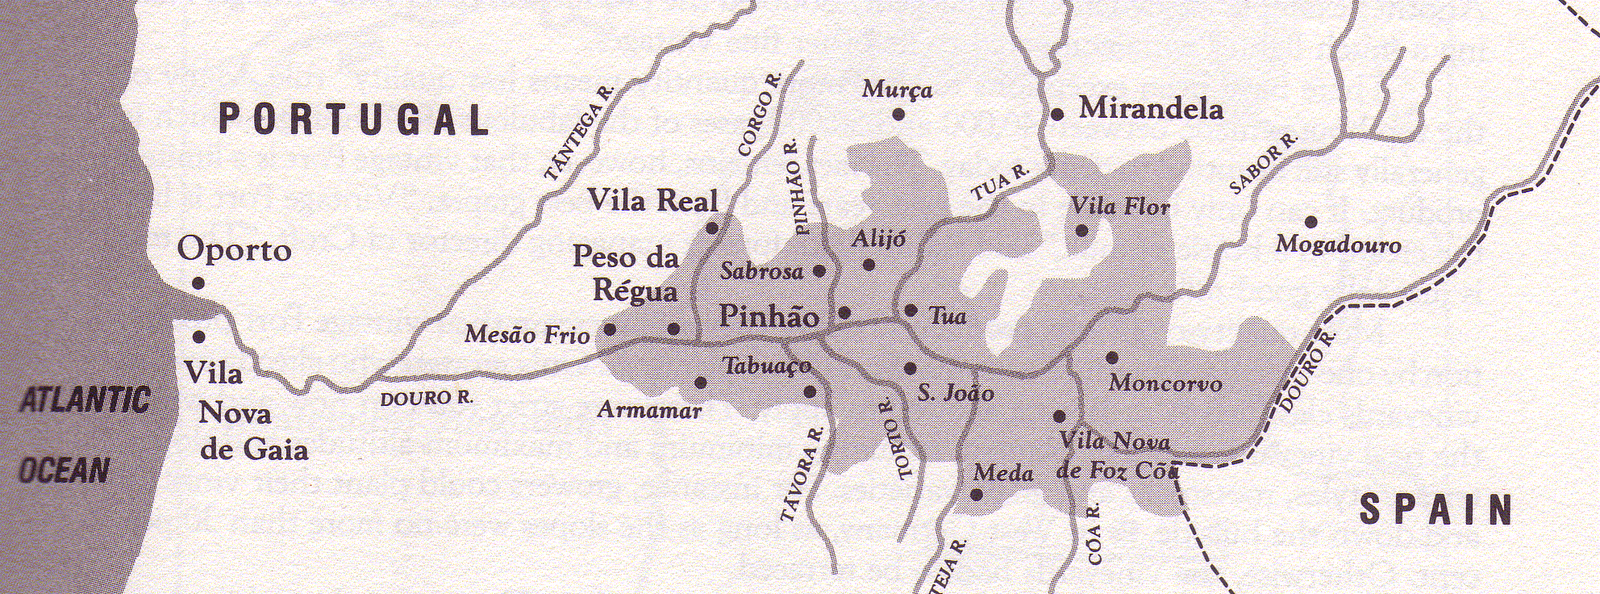 Região do Douro